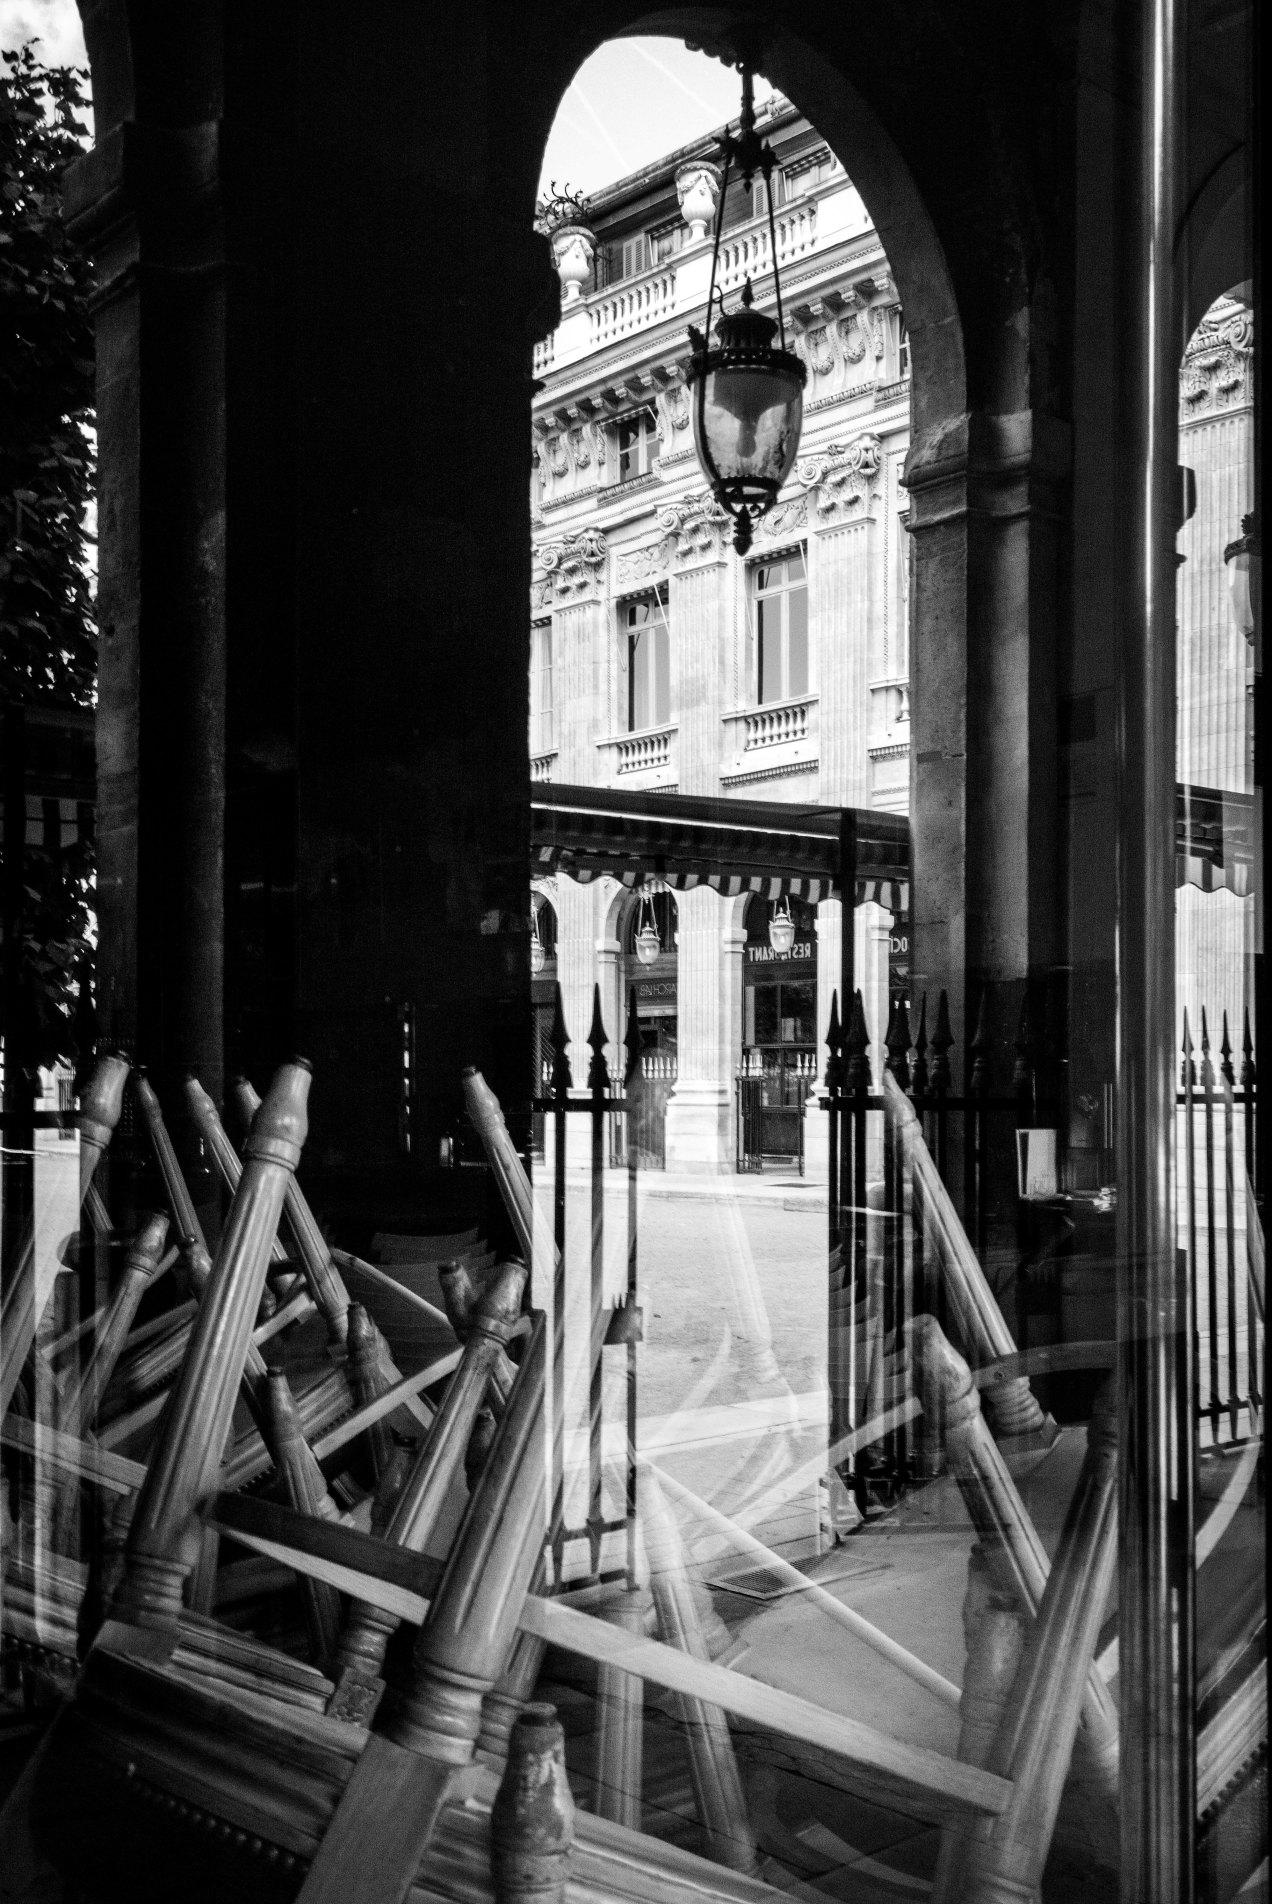 Vitrine palais royale, Paris, gildalliere, 2018DNG-Modifier.jpg